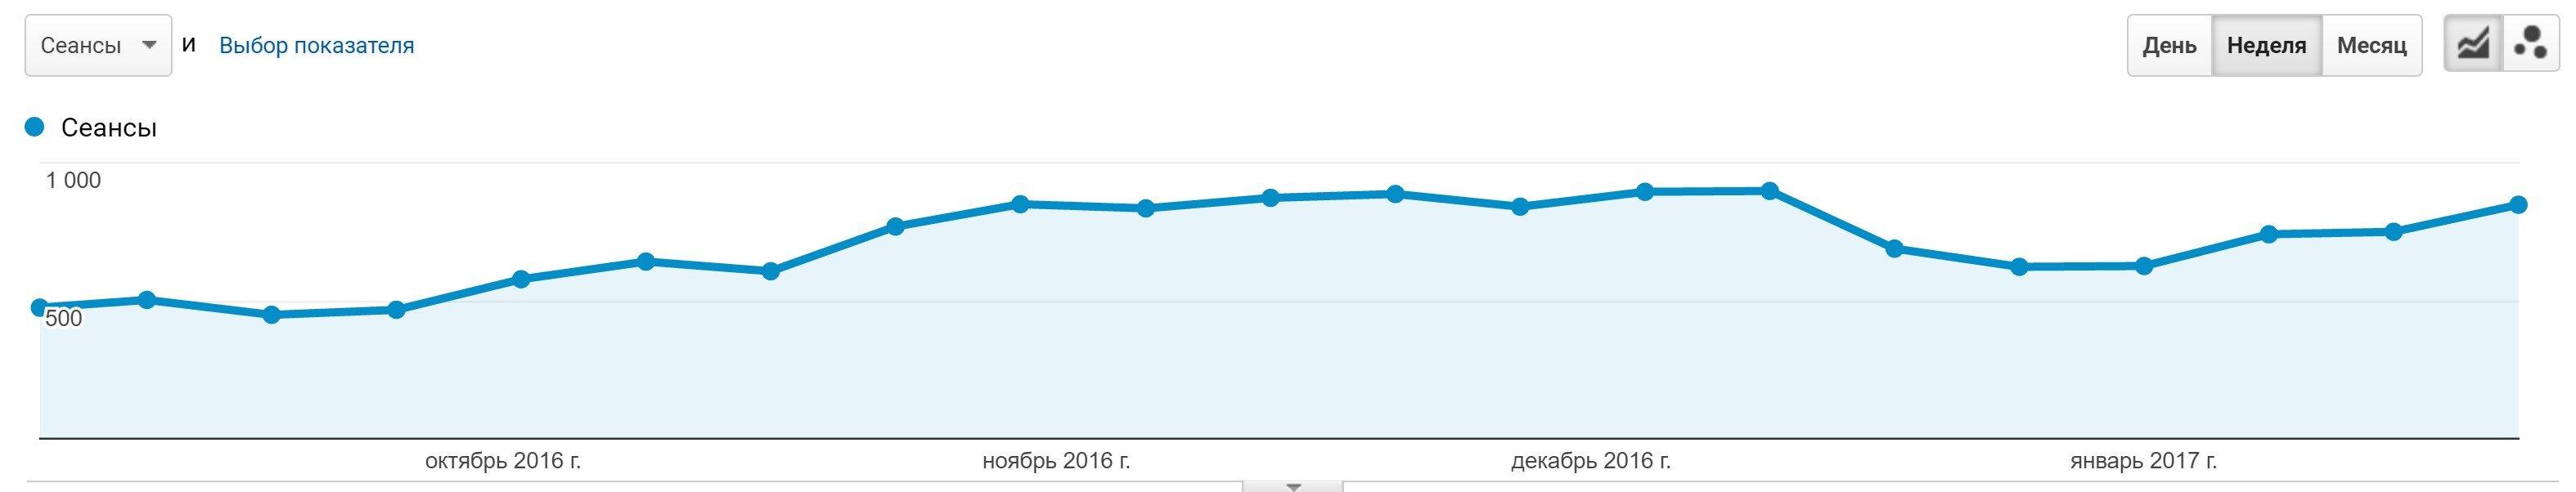 статистика посещаемости сайта lombardparus.com.ua